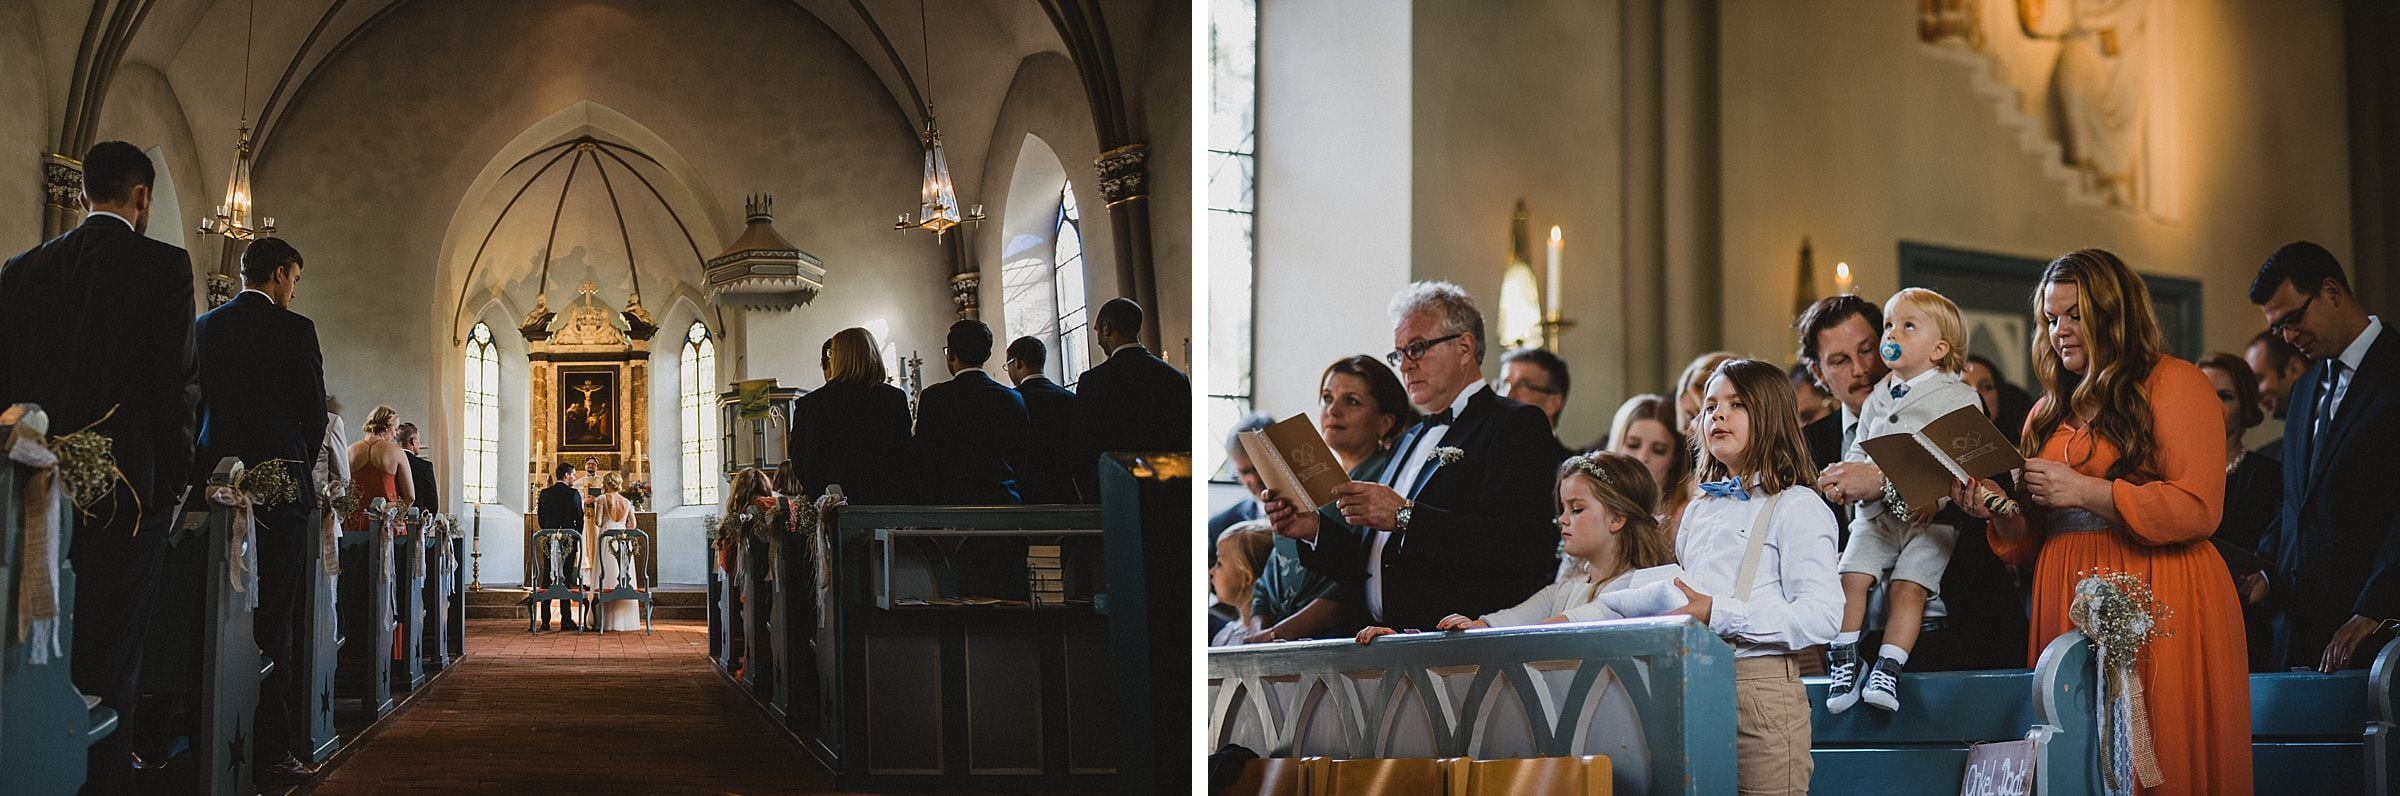 Hochzeitsfotografie Hamburg-Frau-Siemers-Gut Basthorst-kirchliche Trauung-Ganz Ansicht der Altarraums